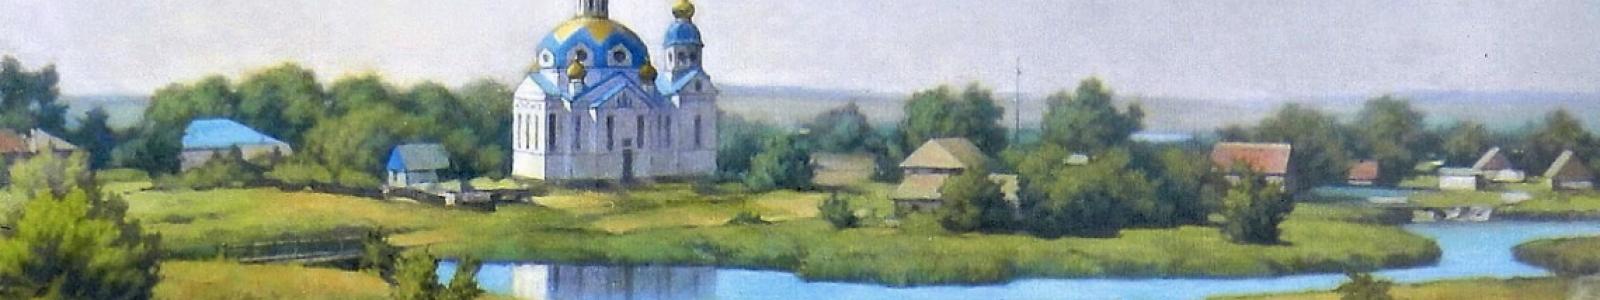 Gallery Painter Alexandr Kusenko